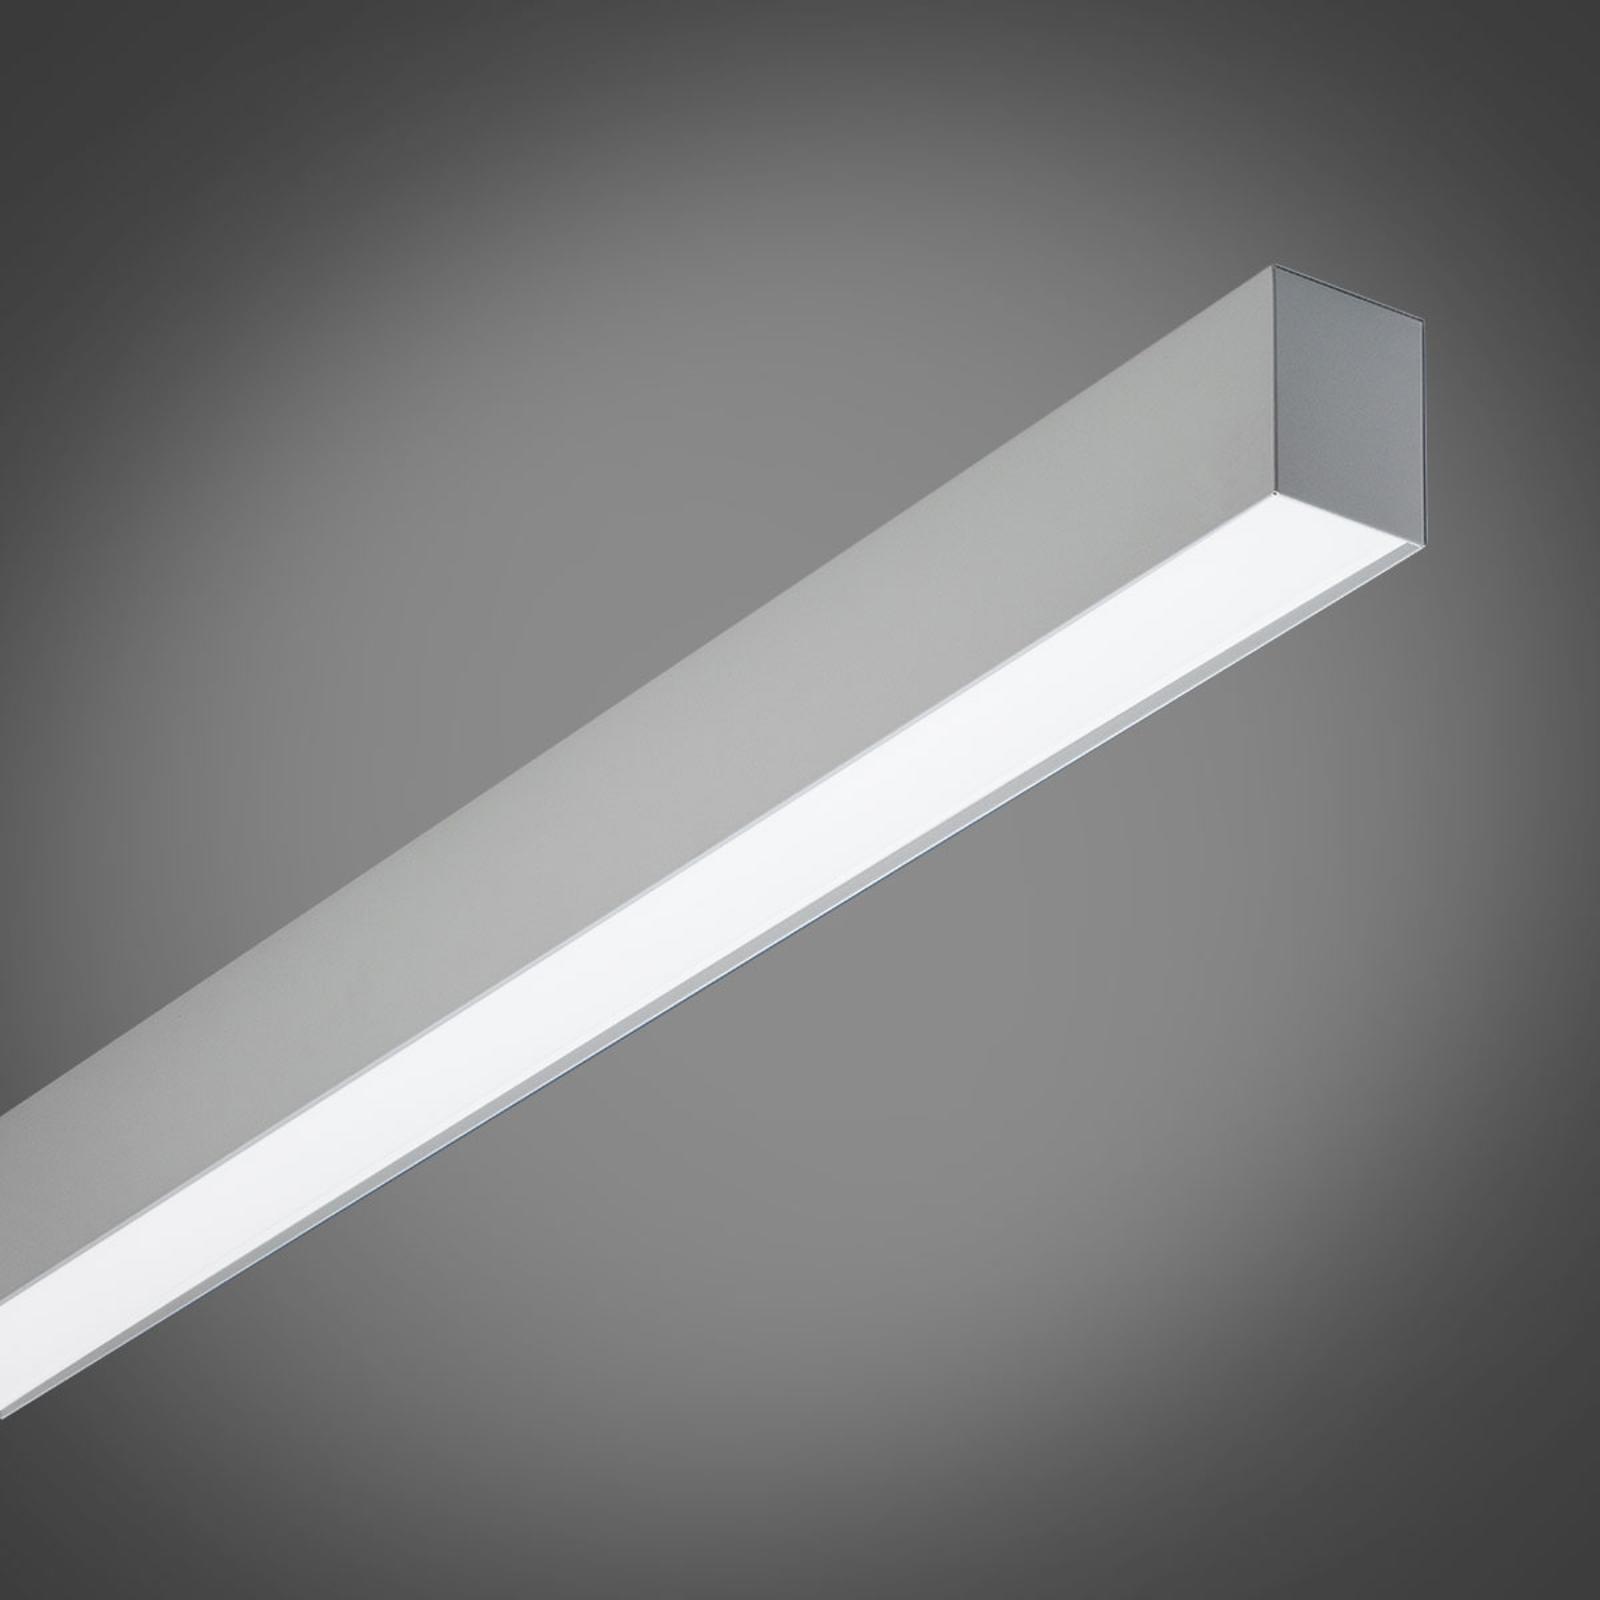 Hell leuchtende LED-Wandleuchte LIPW075 3.000K